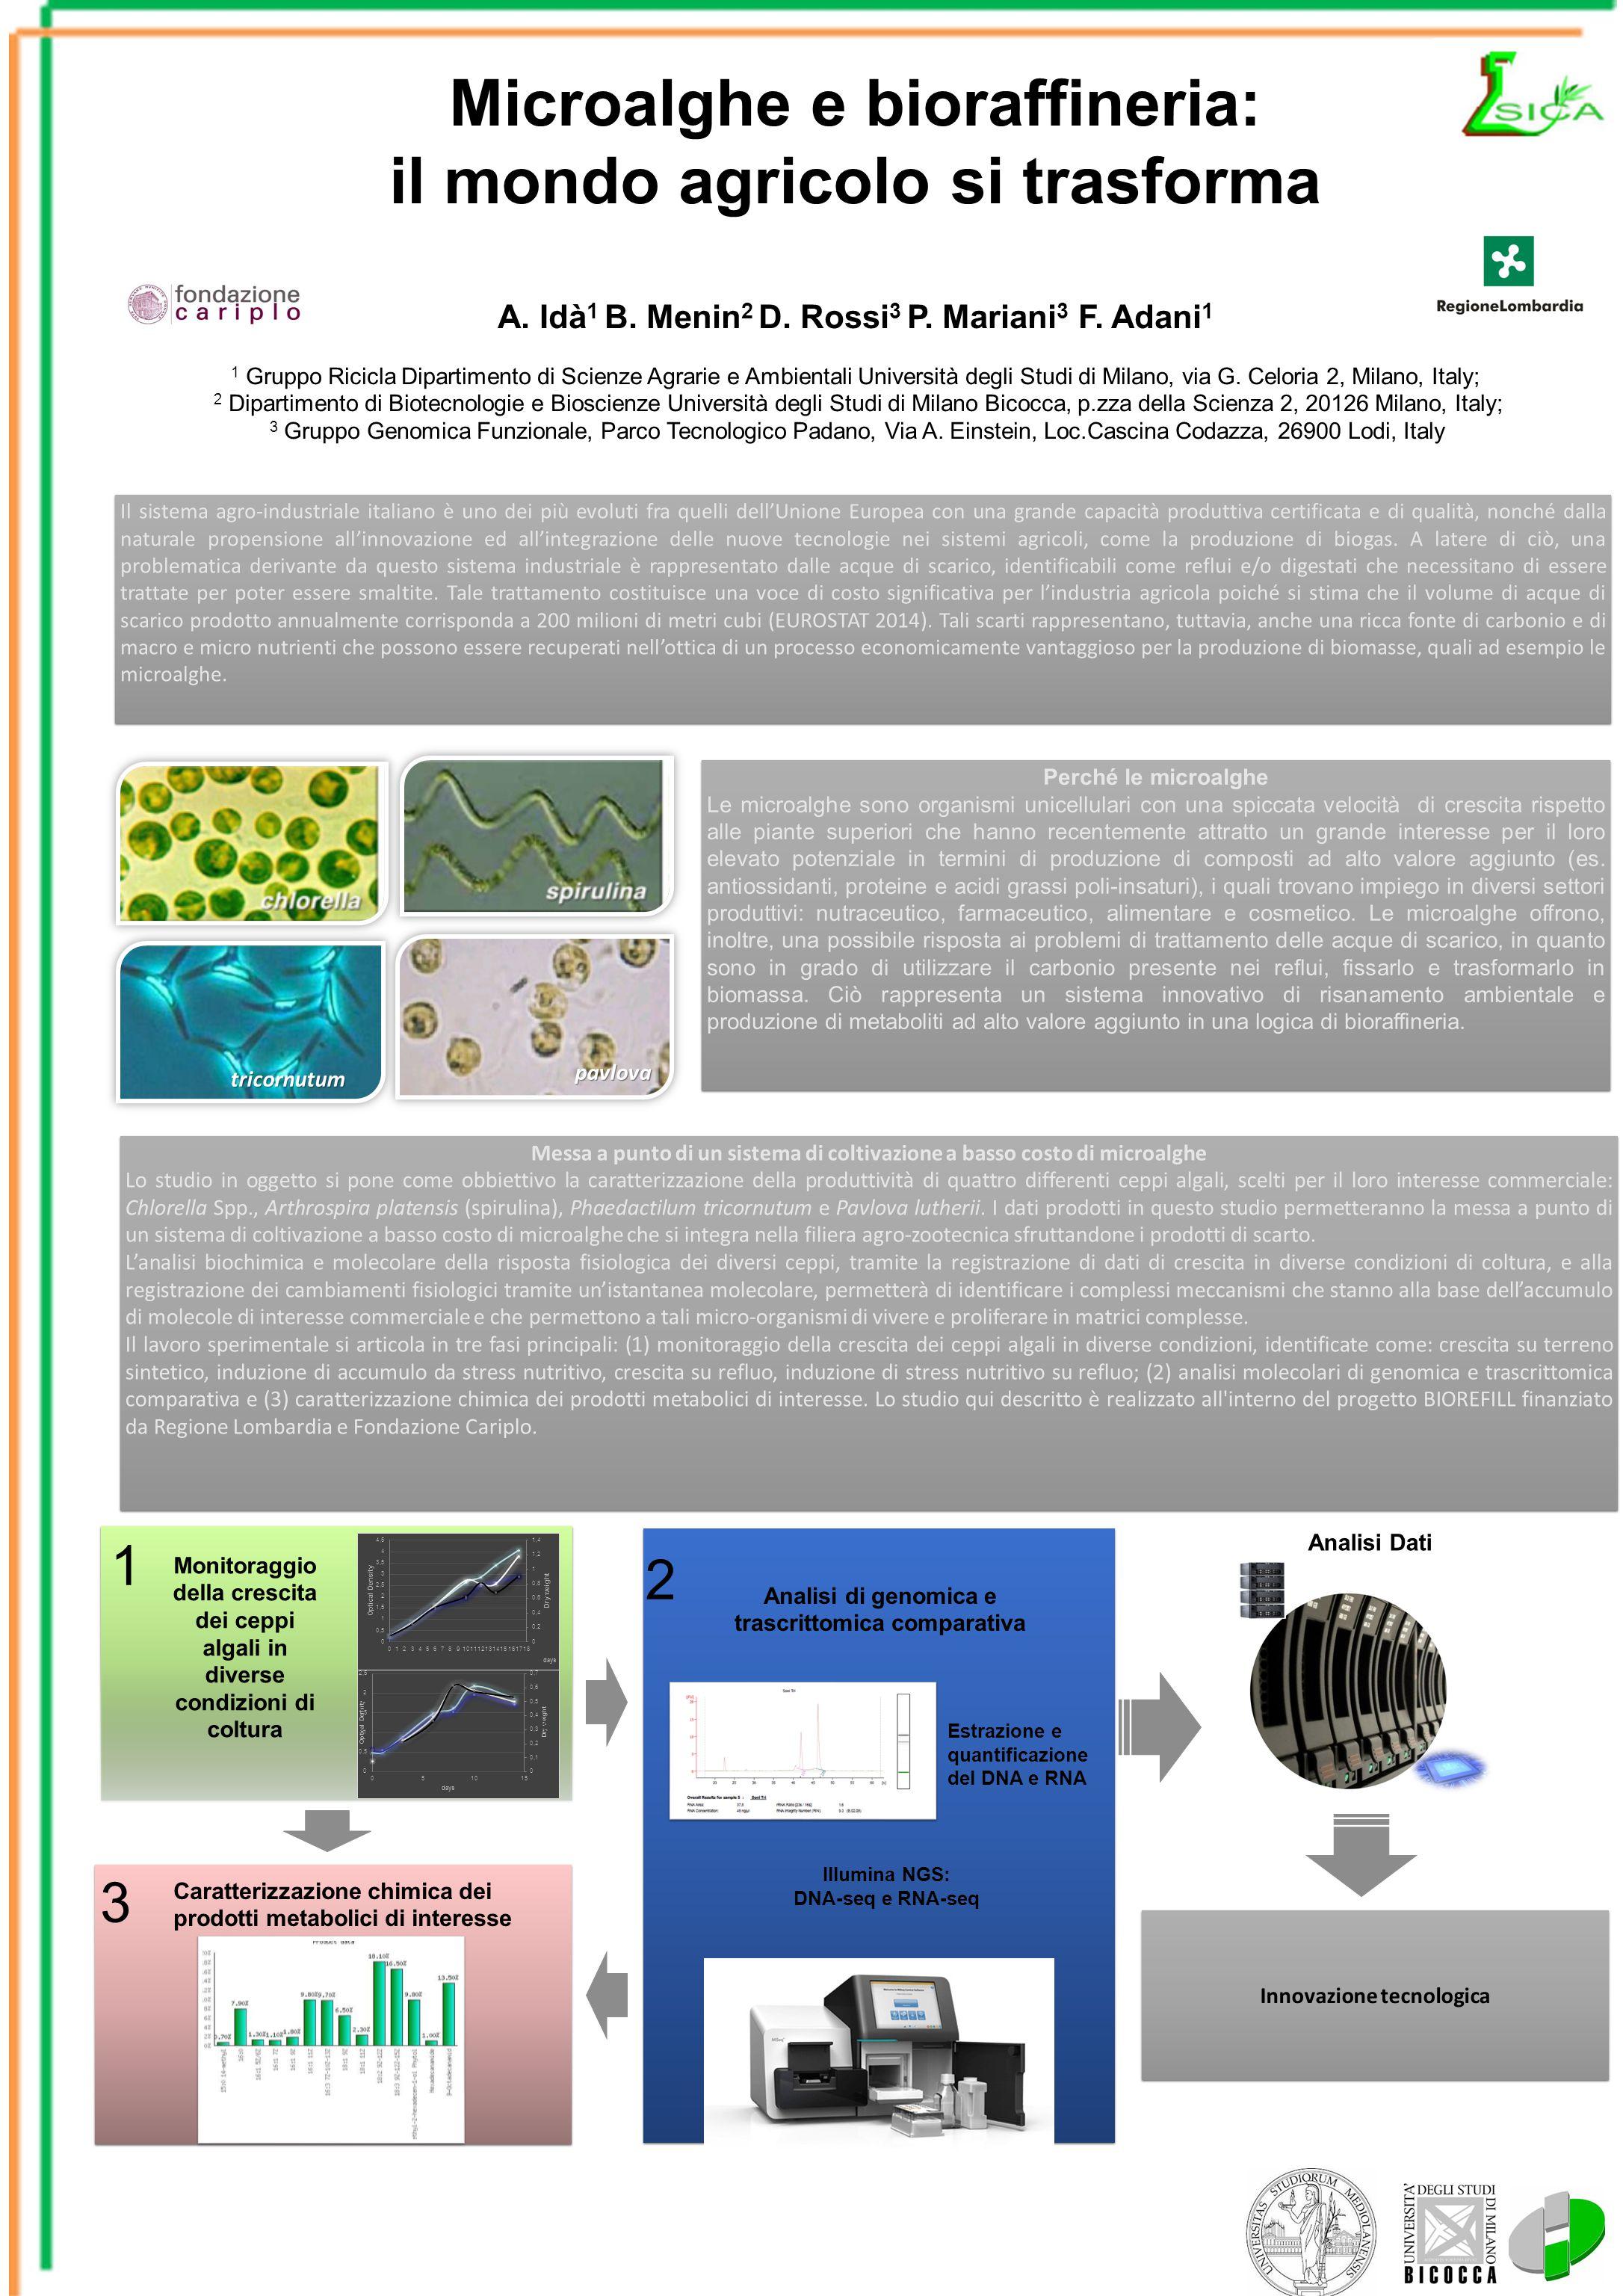 Microalghe e bioraffineria: il mondo agricolo si trasforma